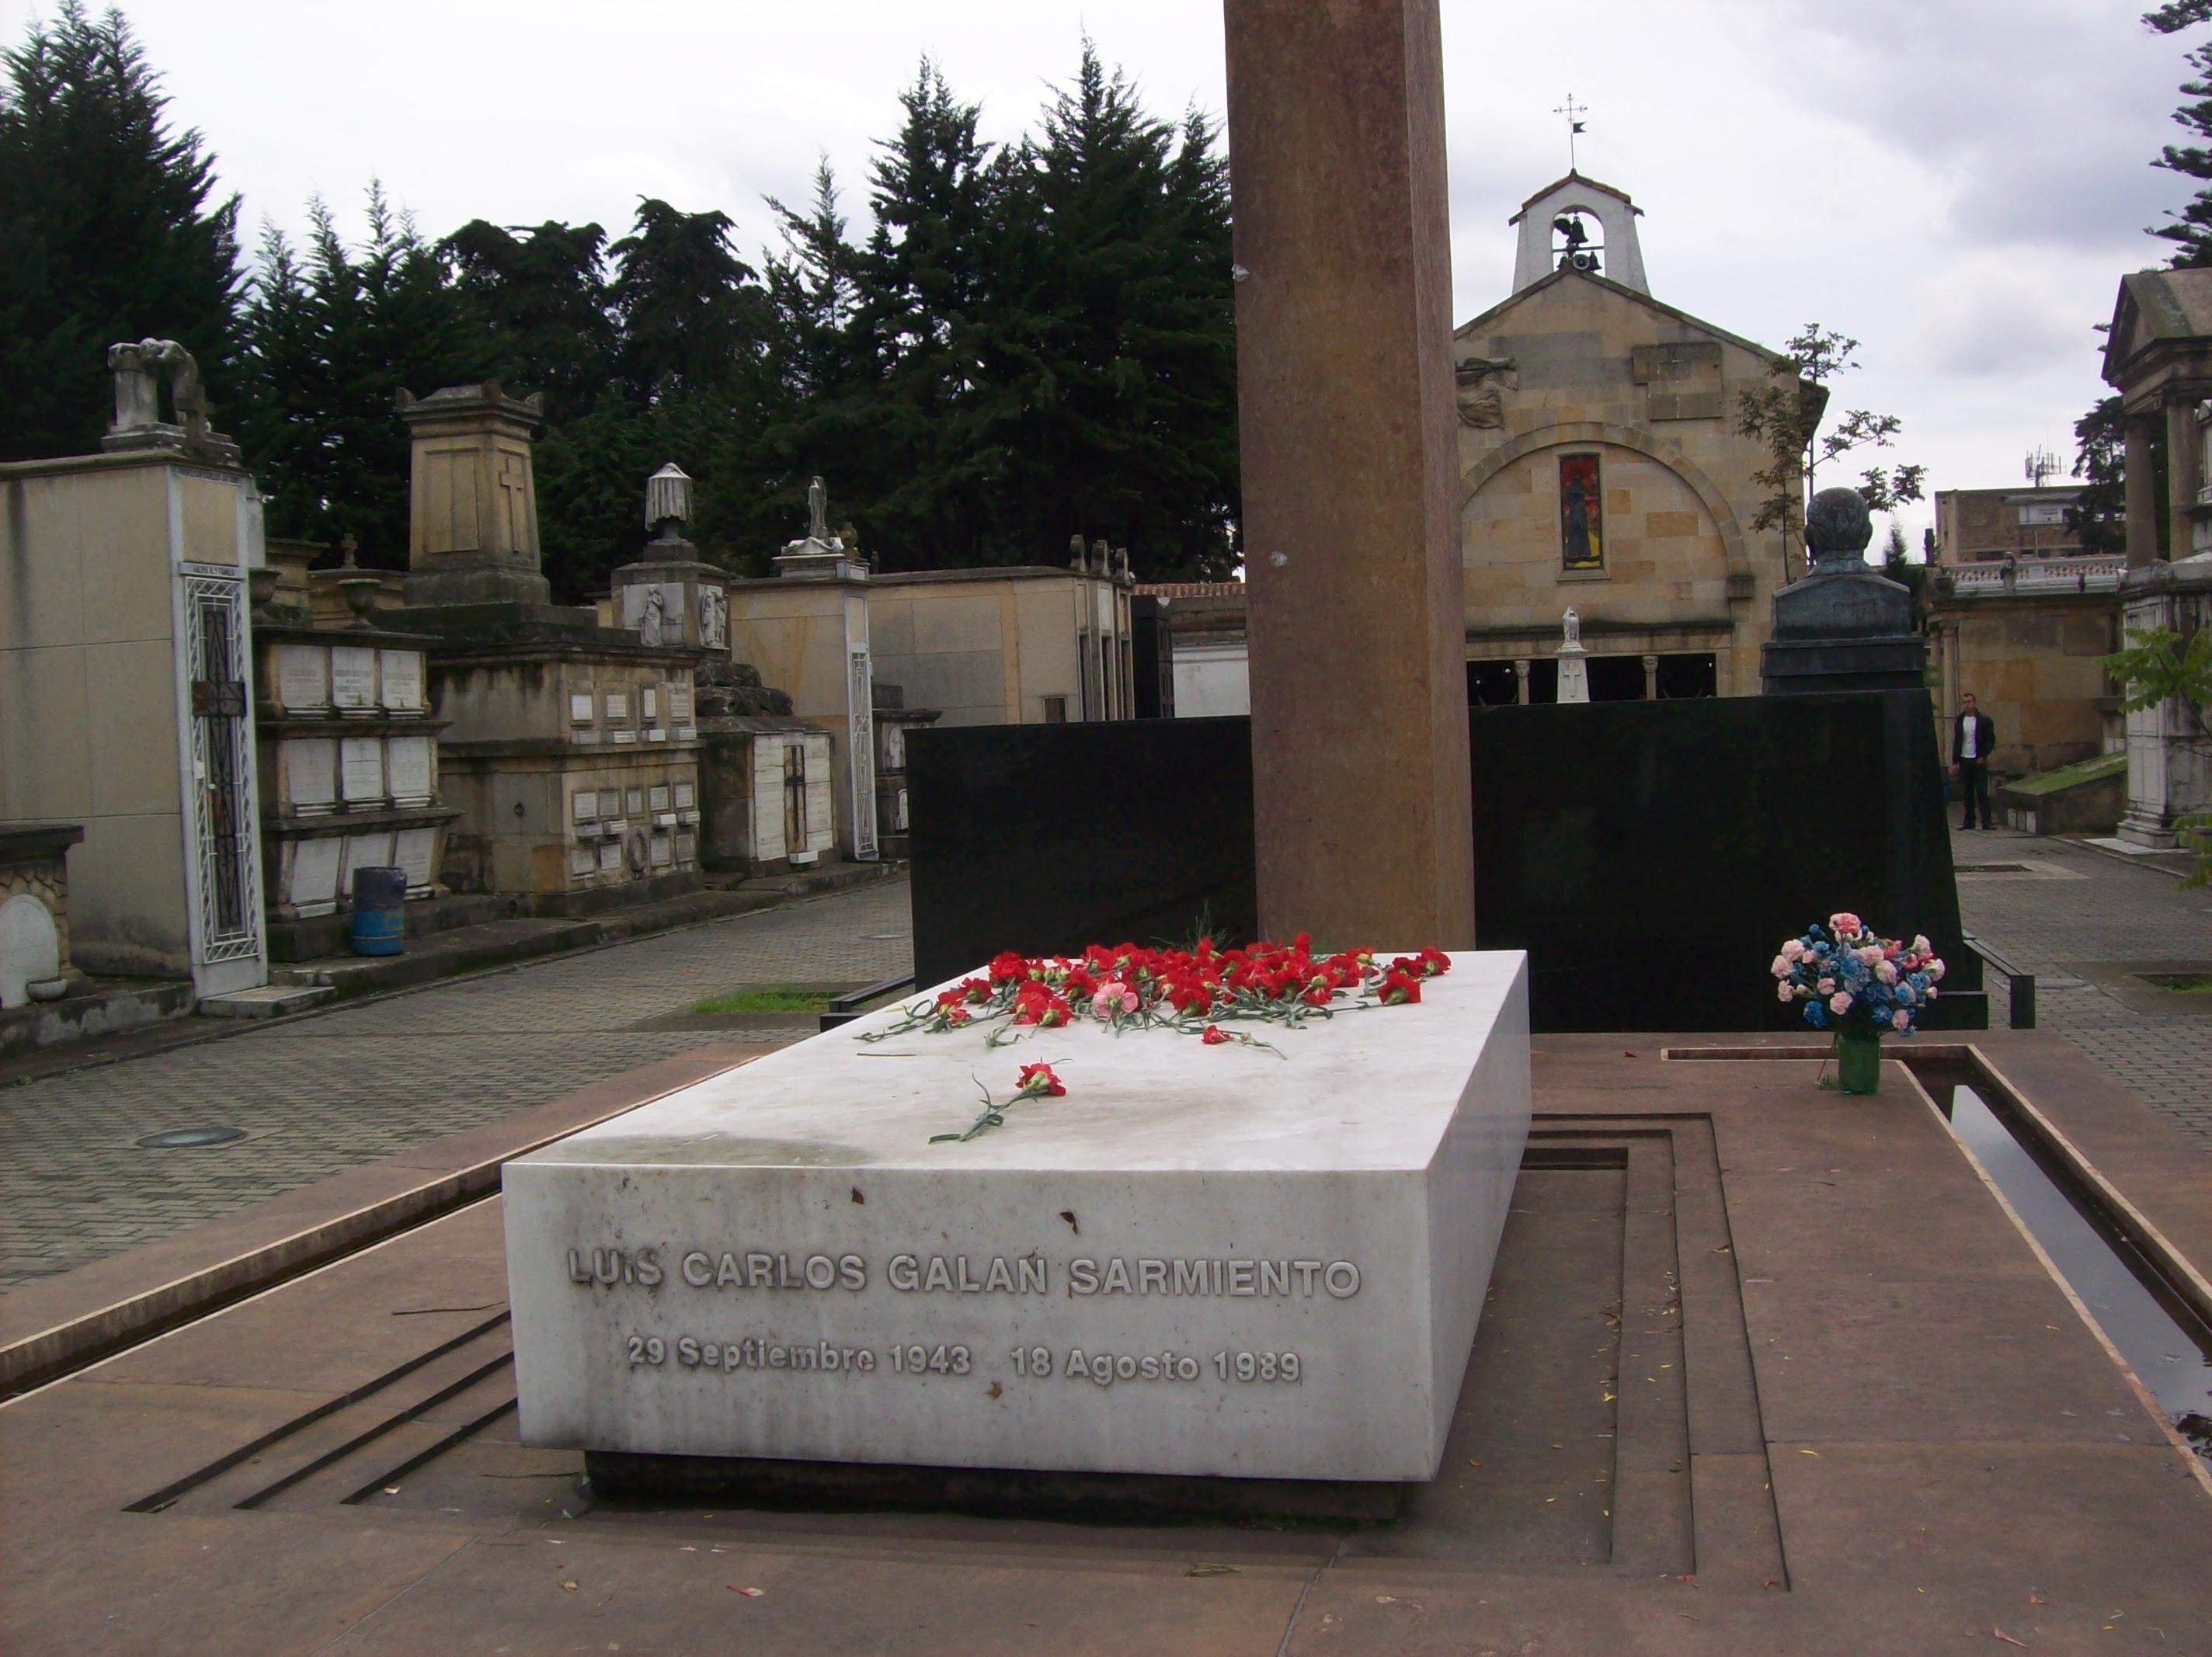 Muerte de Luis Carlos Galán 18 de agosto 1989